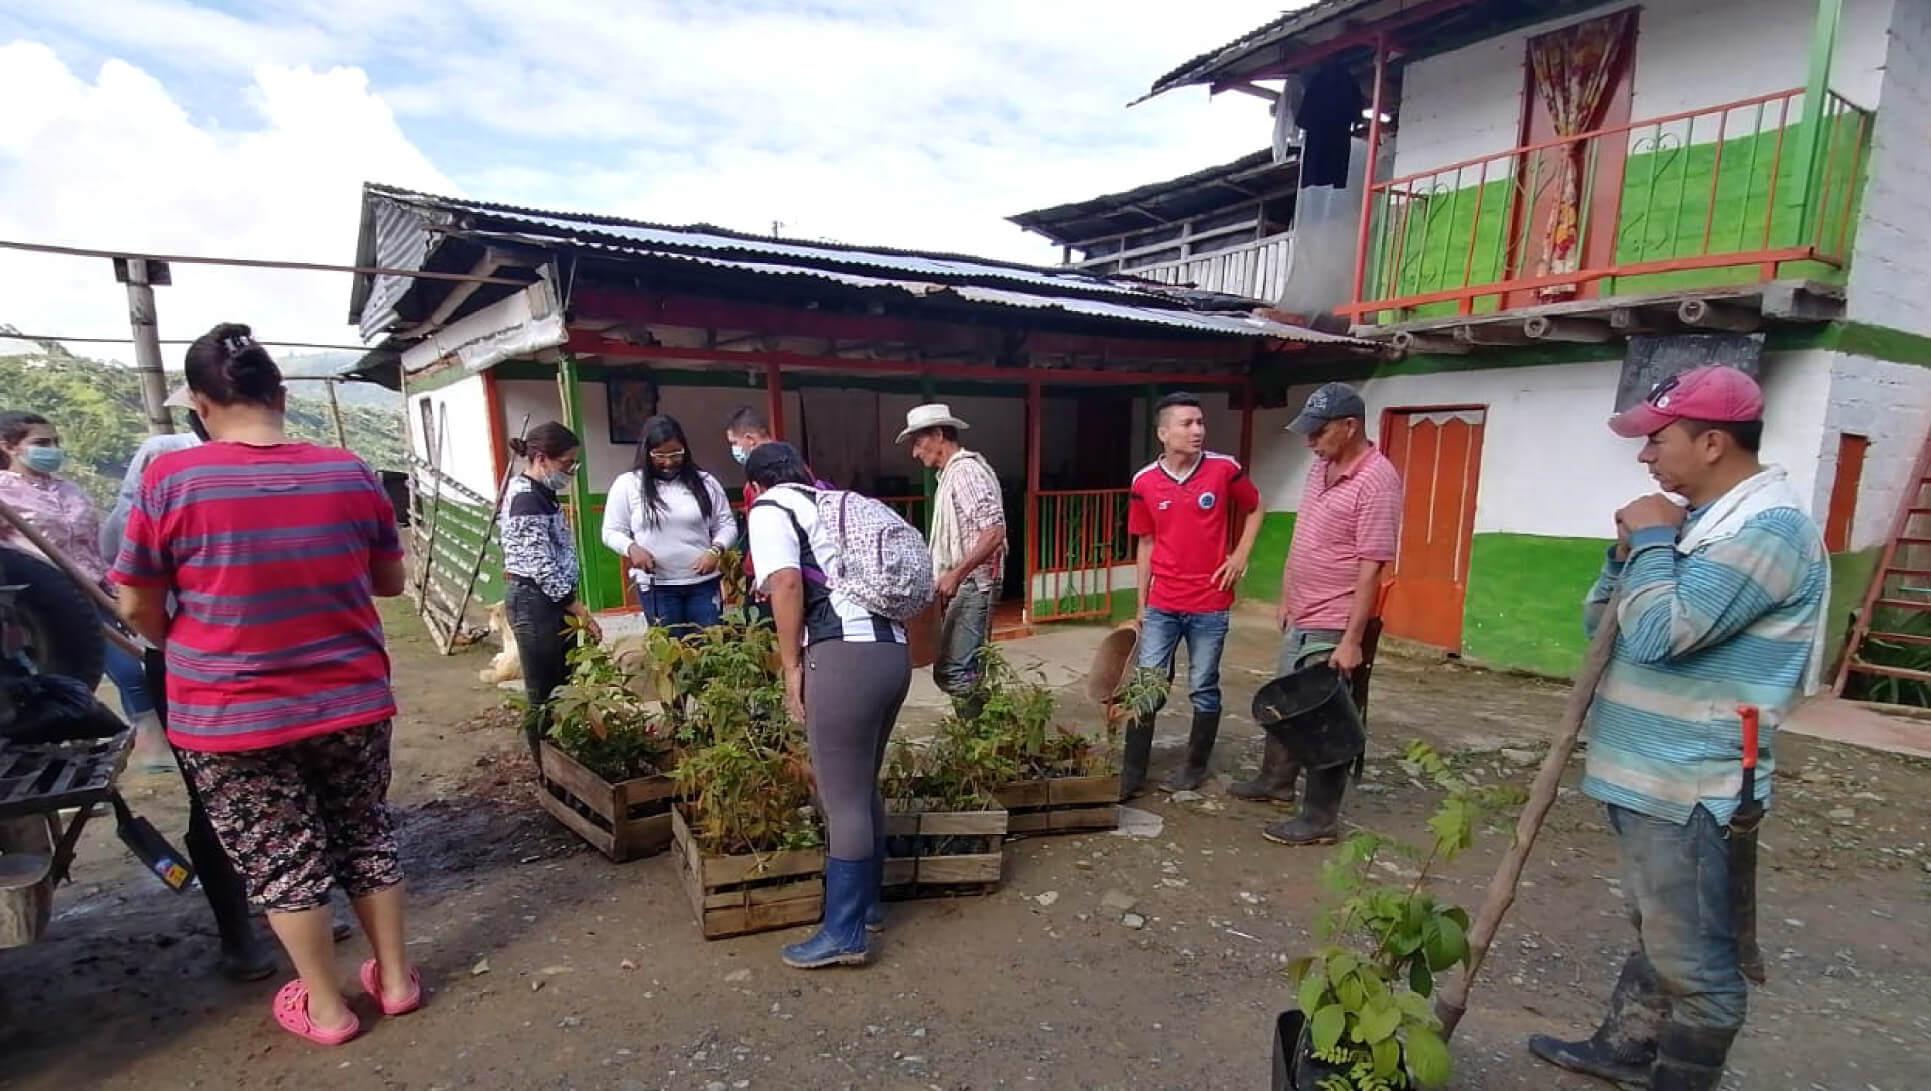 Juntos por el cuidado del medio ambiente Wakate y la comunidad sembraron 200 árboles nativos en la vereda El Cardal del municipio Neira, Caldas